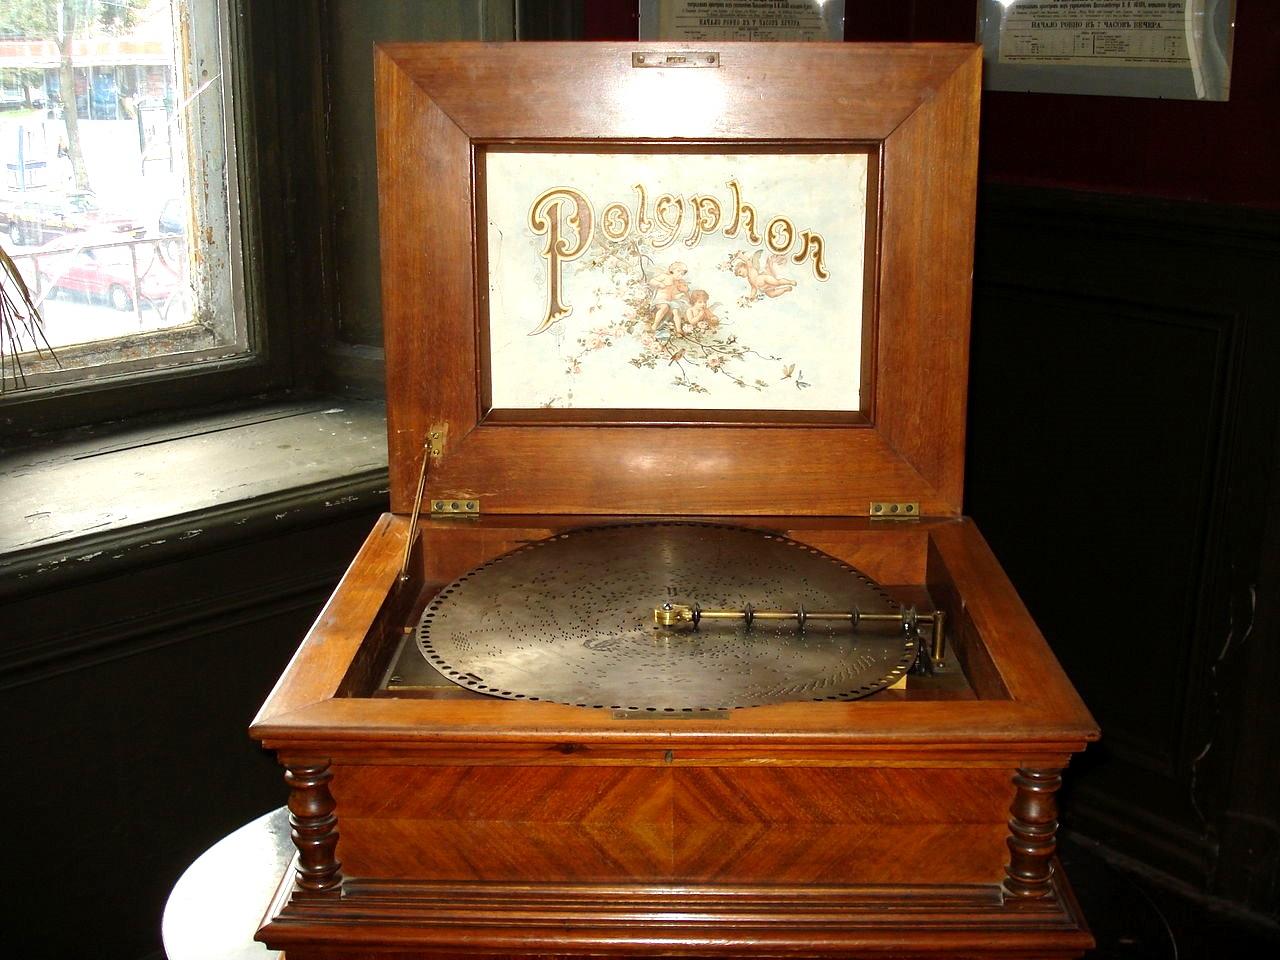 Как развивалось домашнее аудио — от песенных вечеров до первых механических проигрывателей - 2